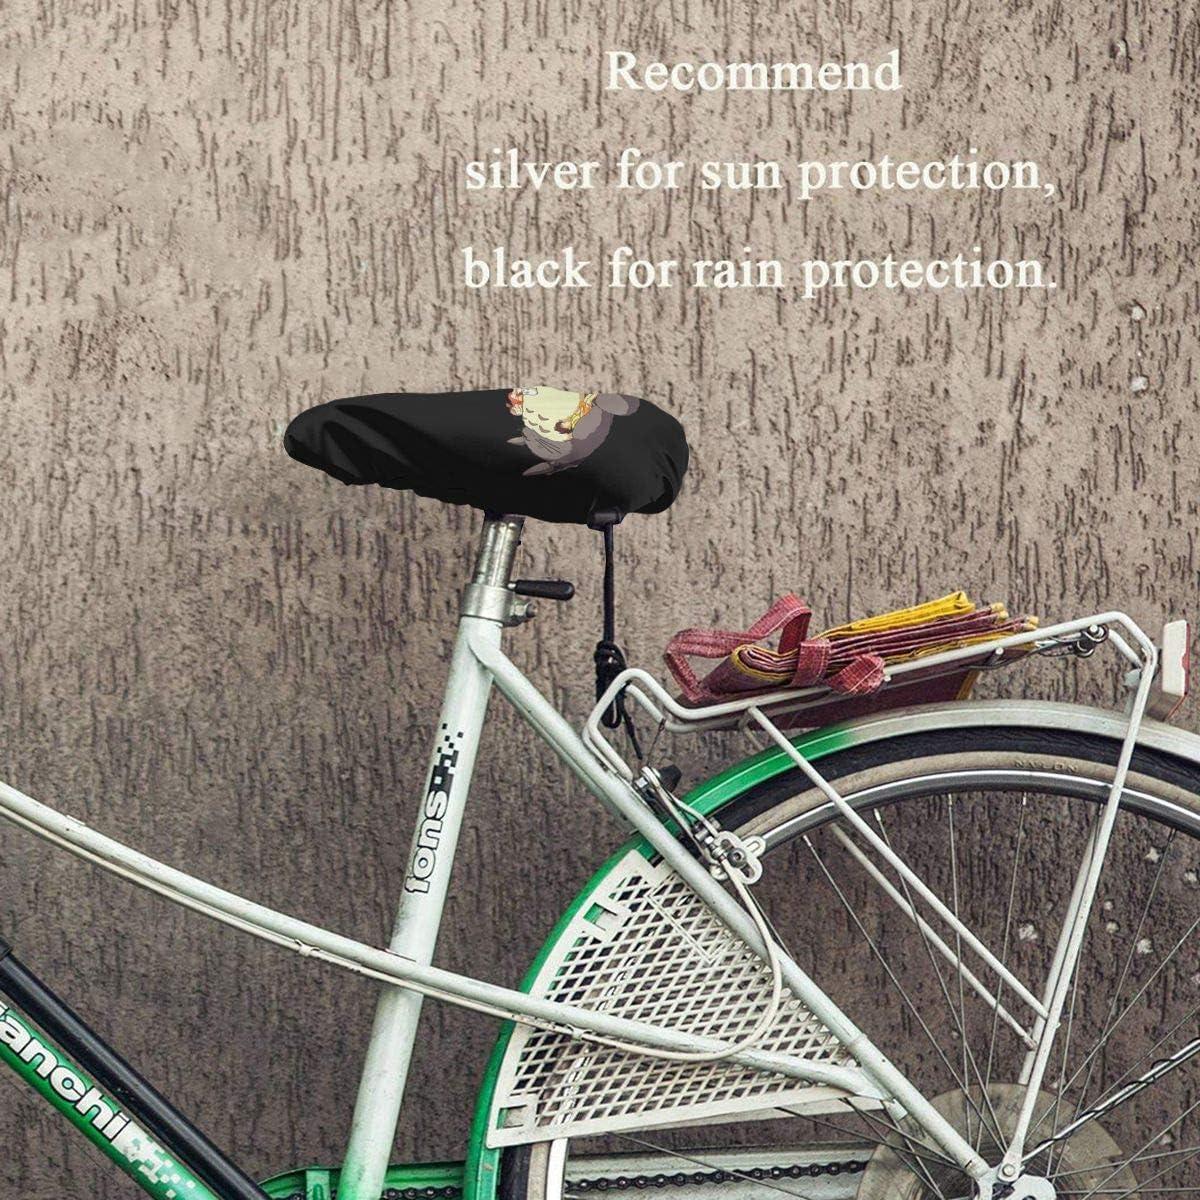 A Studio Ghibli Anime Art Waterproof Bicycle Seat Cover Elastic Waterproof Bicycle Seat Cover N